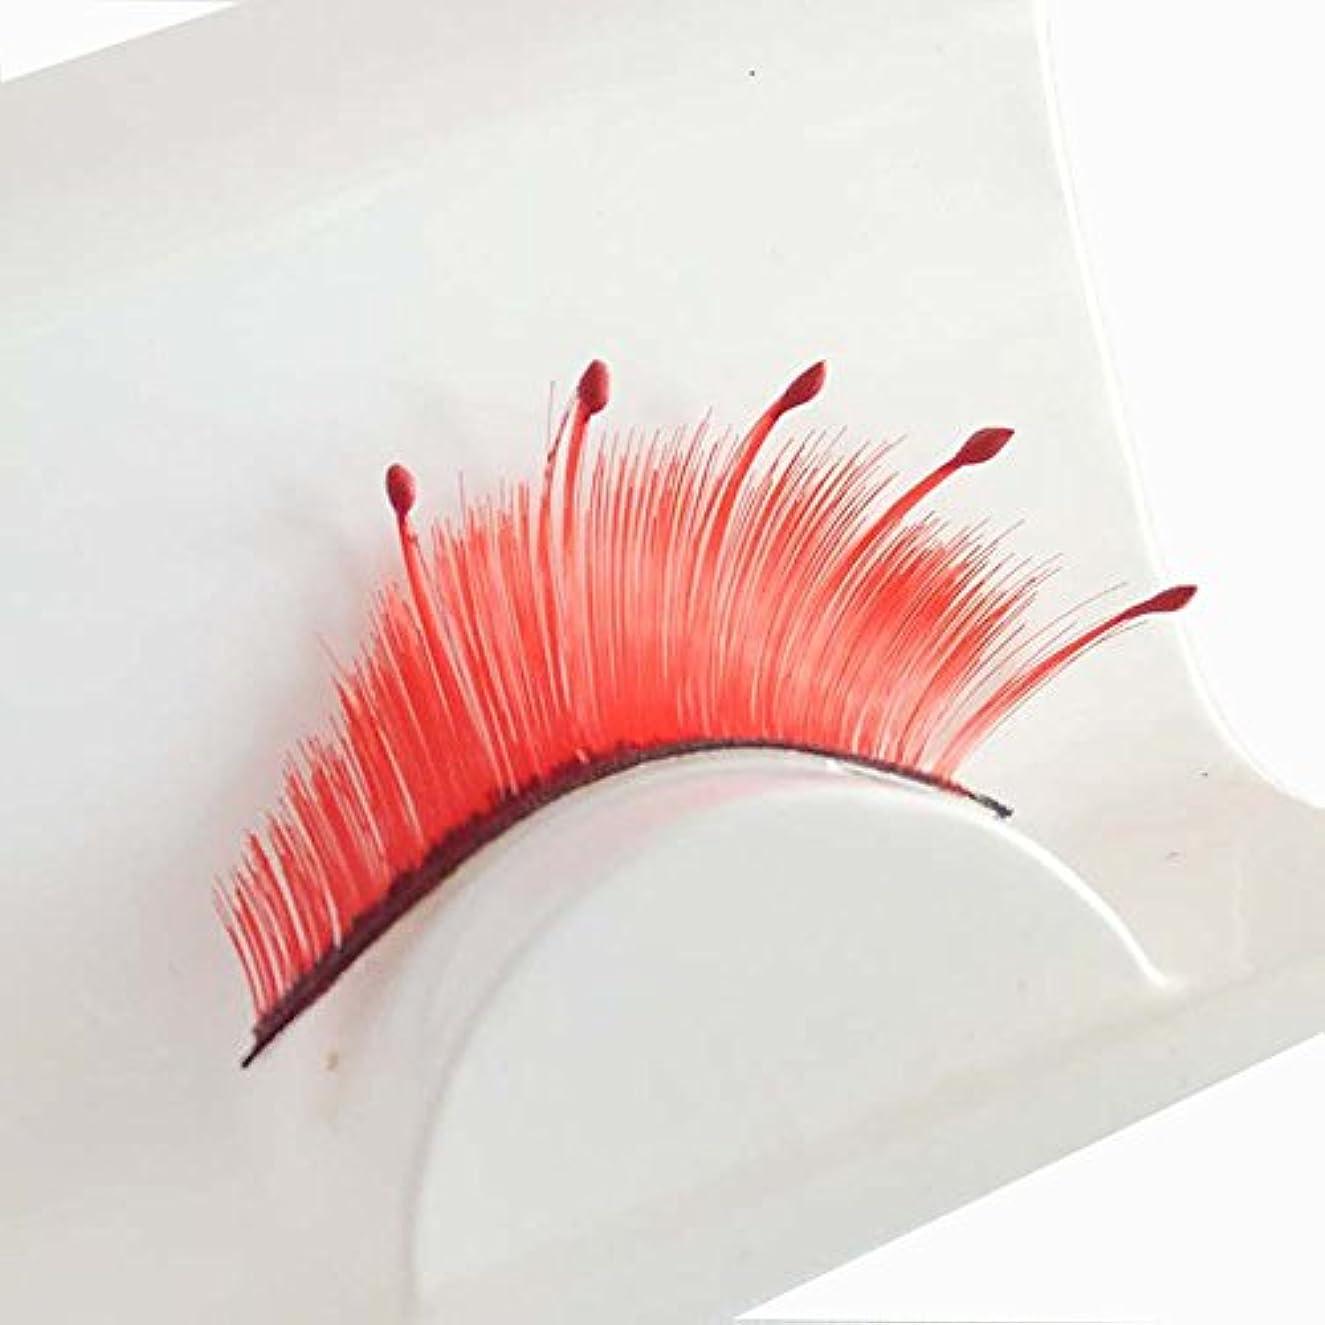 晴れ平らなビン組の女性のハロウィーンパーティー党メイクアップアート赤い波つけまつげ